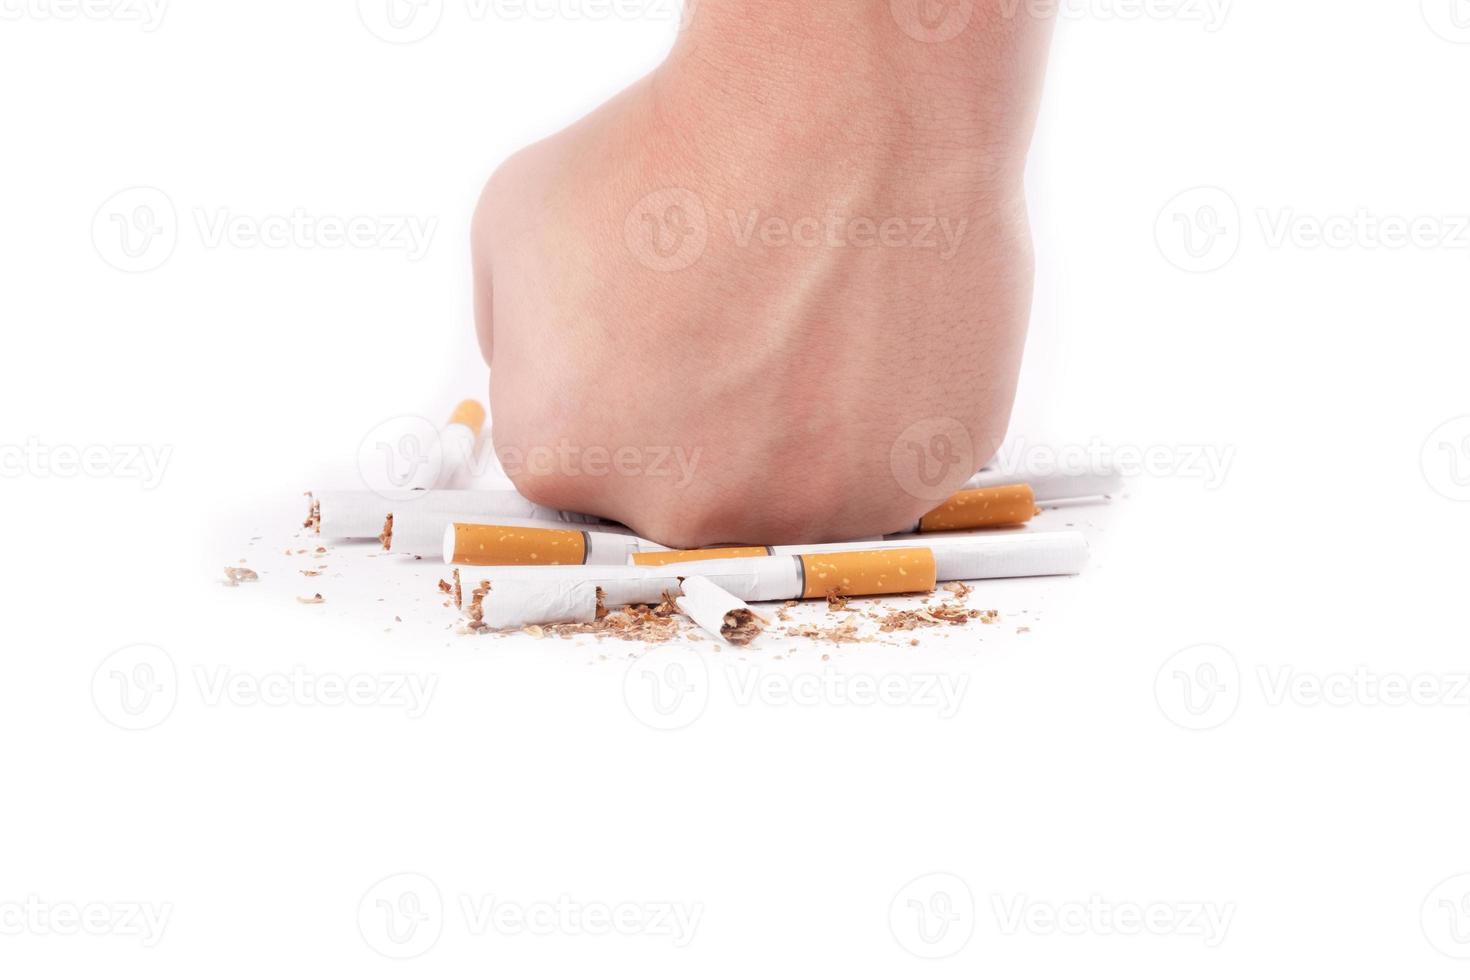 écraser les cigarettes à la main photo